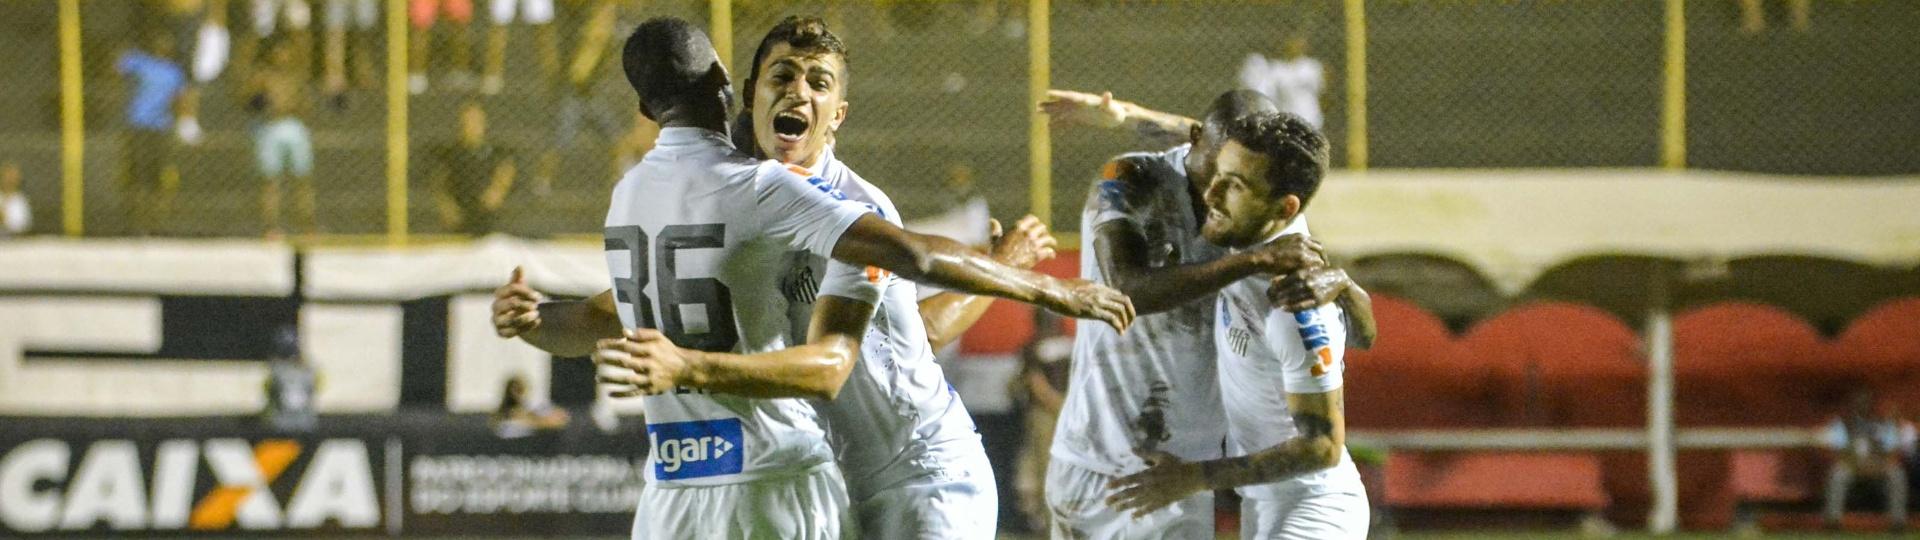 Copete e Vitor Bueno comemoram gol marcado pelo time do Santos contra o Vitória